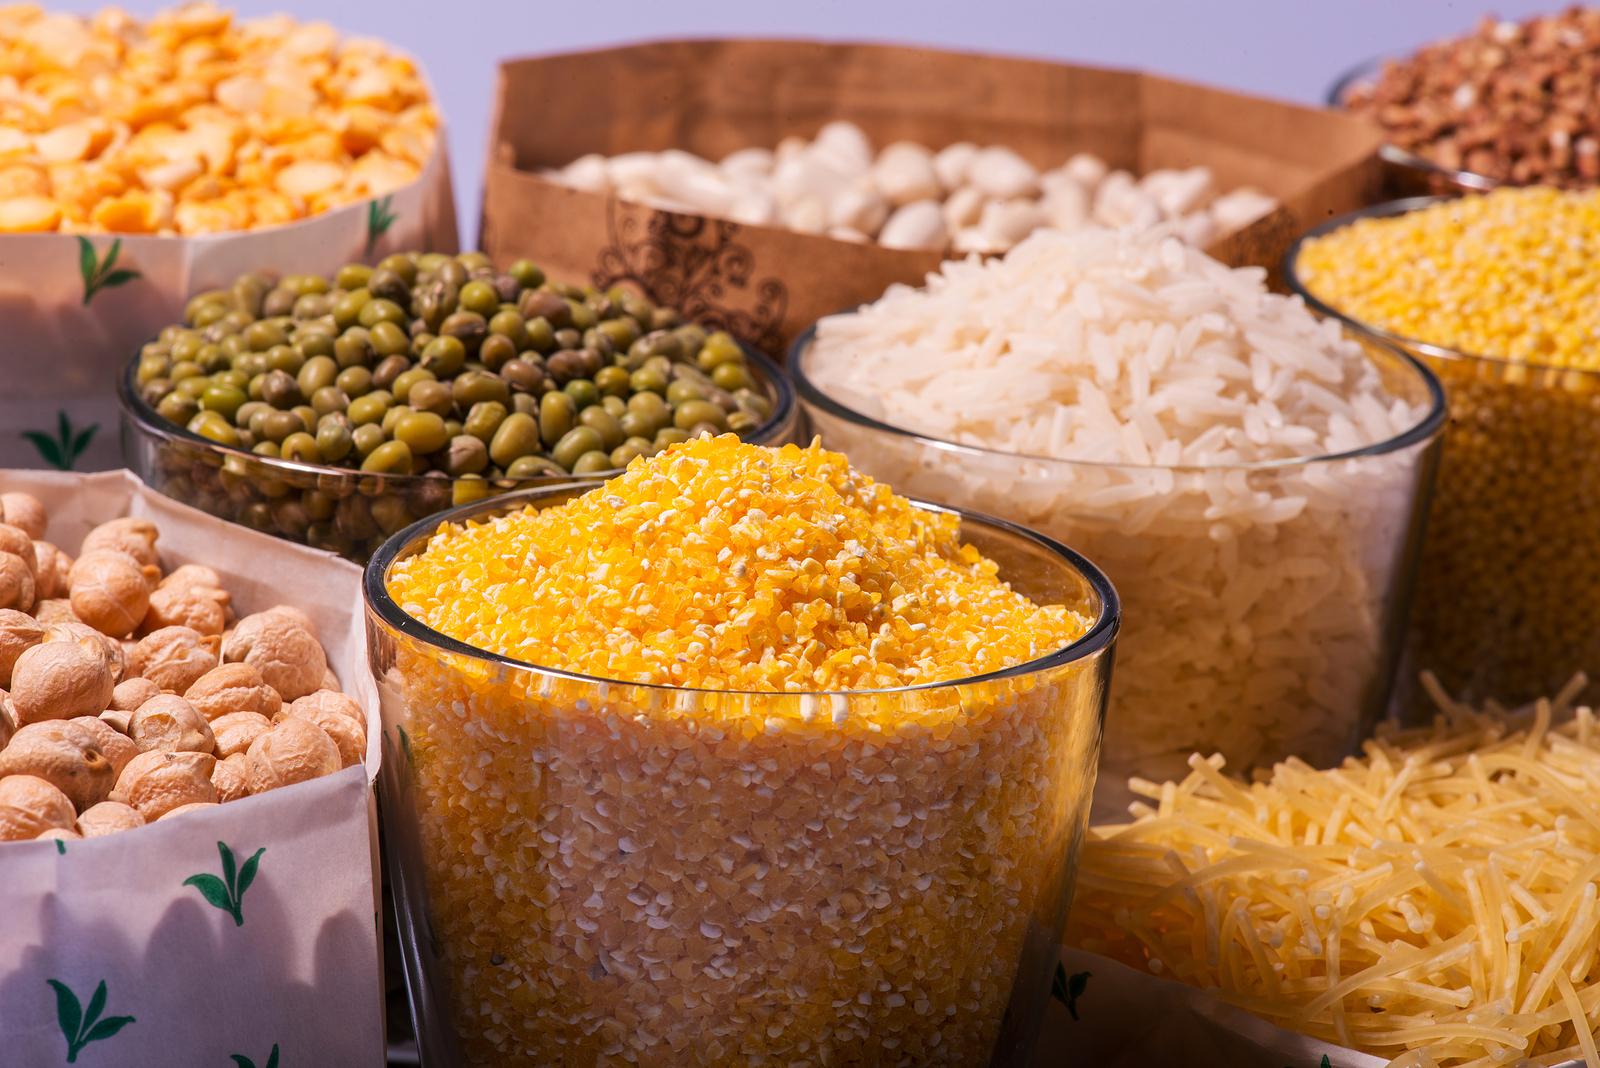 """Atualmente vistos equivocadamente como """"vilões"""", cereais como arroz, aveia e milho, são alimentos fontes de carboidrato"""